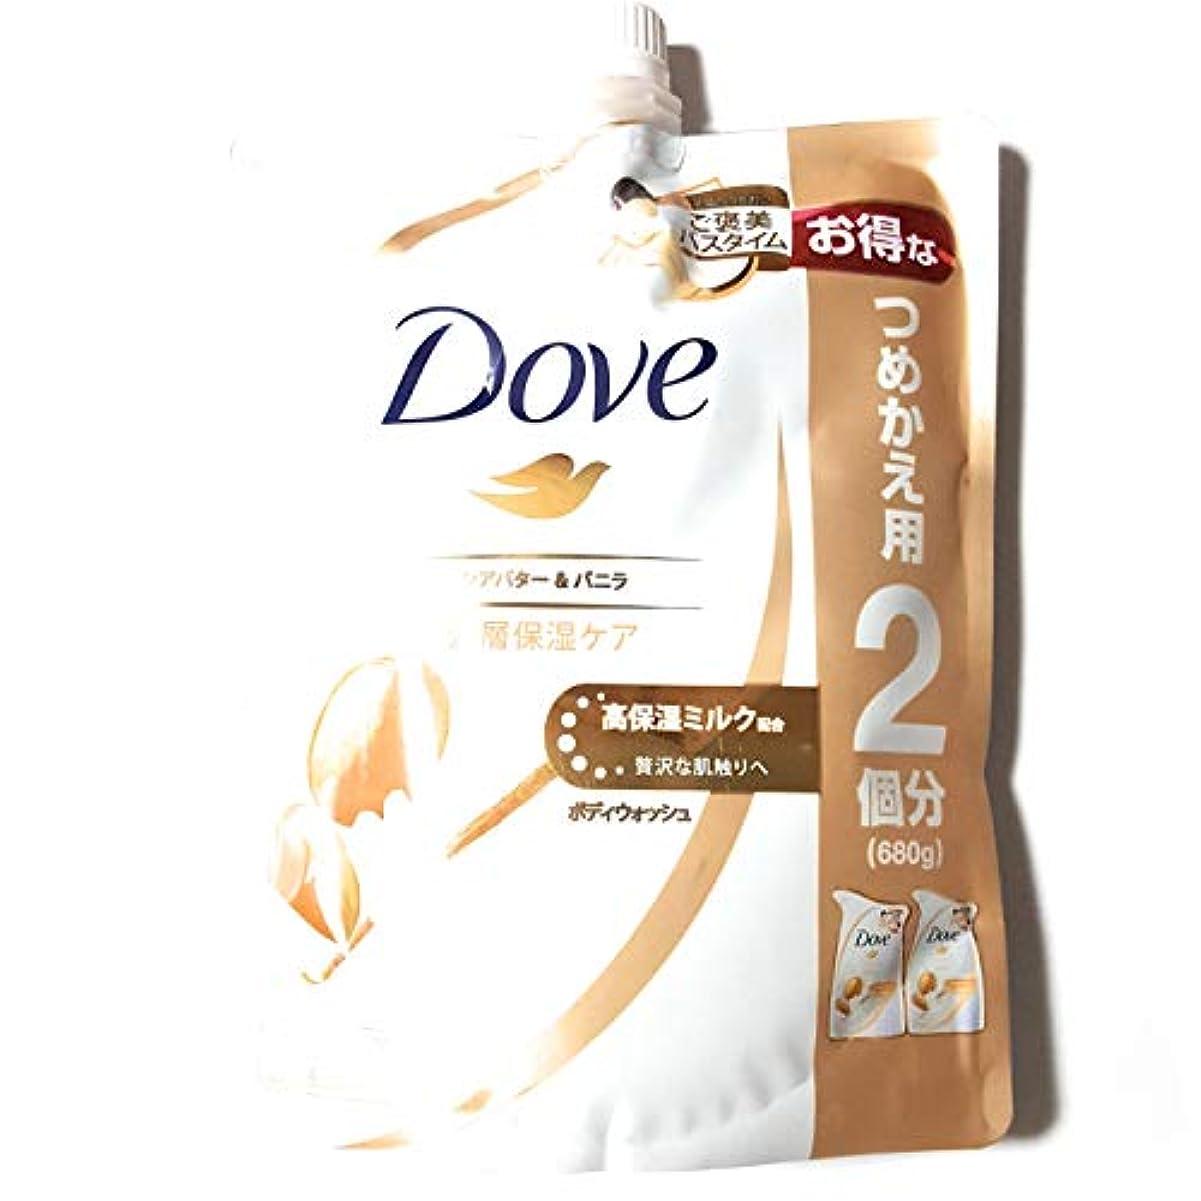 高度調停する良心的Dove ダヴ ボディウォッシュ リッチケア シアバター&バニラ つめかえ用680g